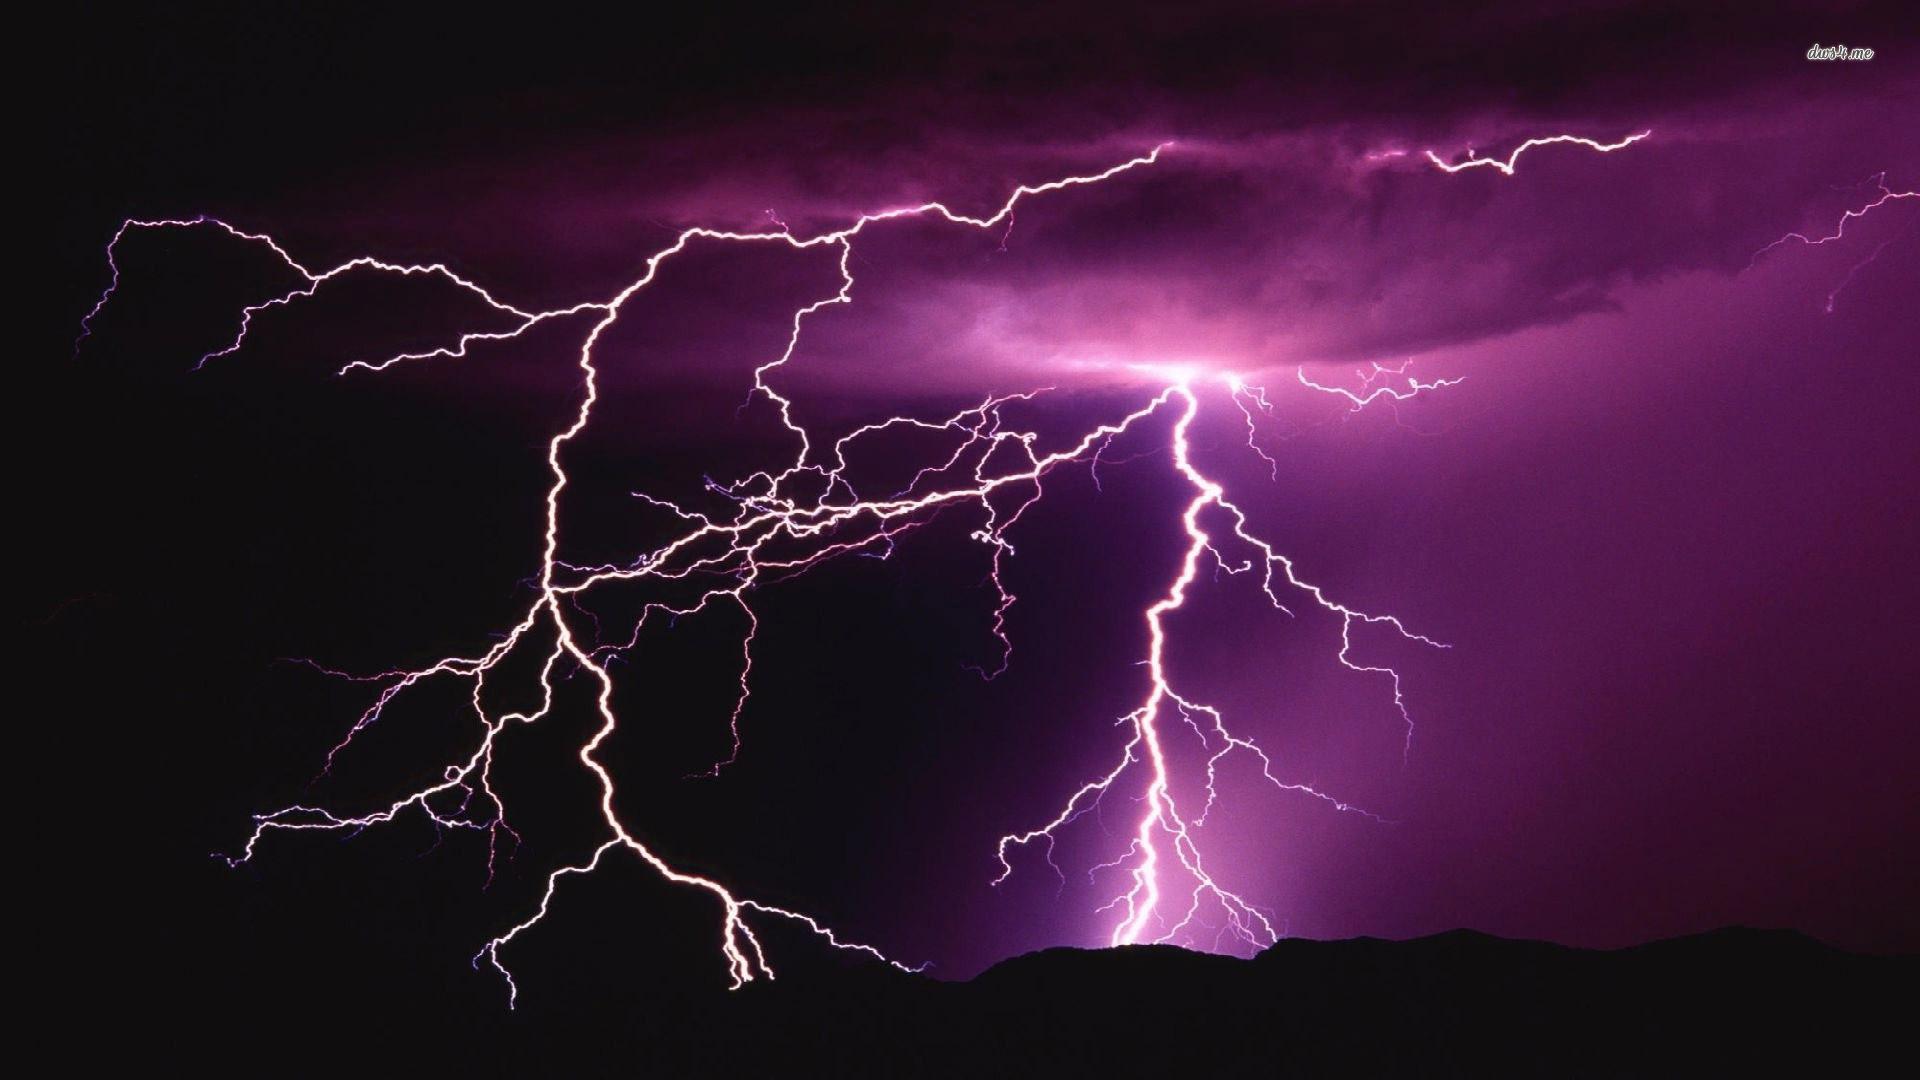 Moving Lightning Desktop Wallpaper